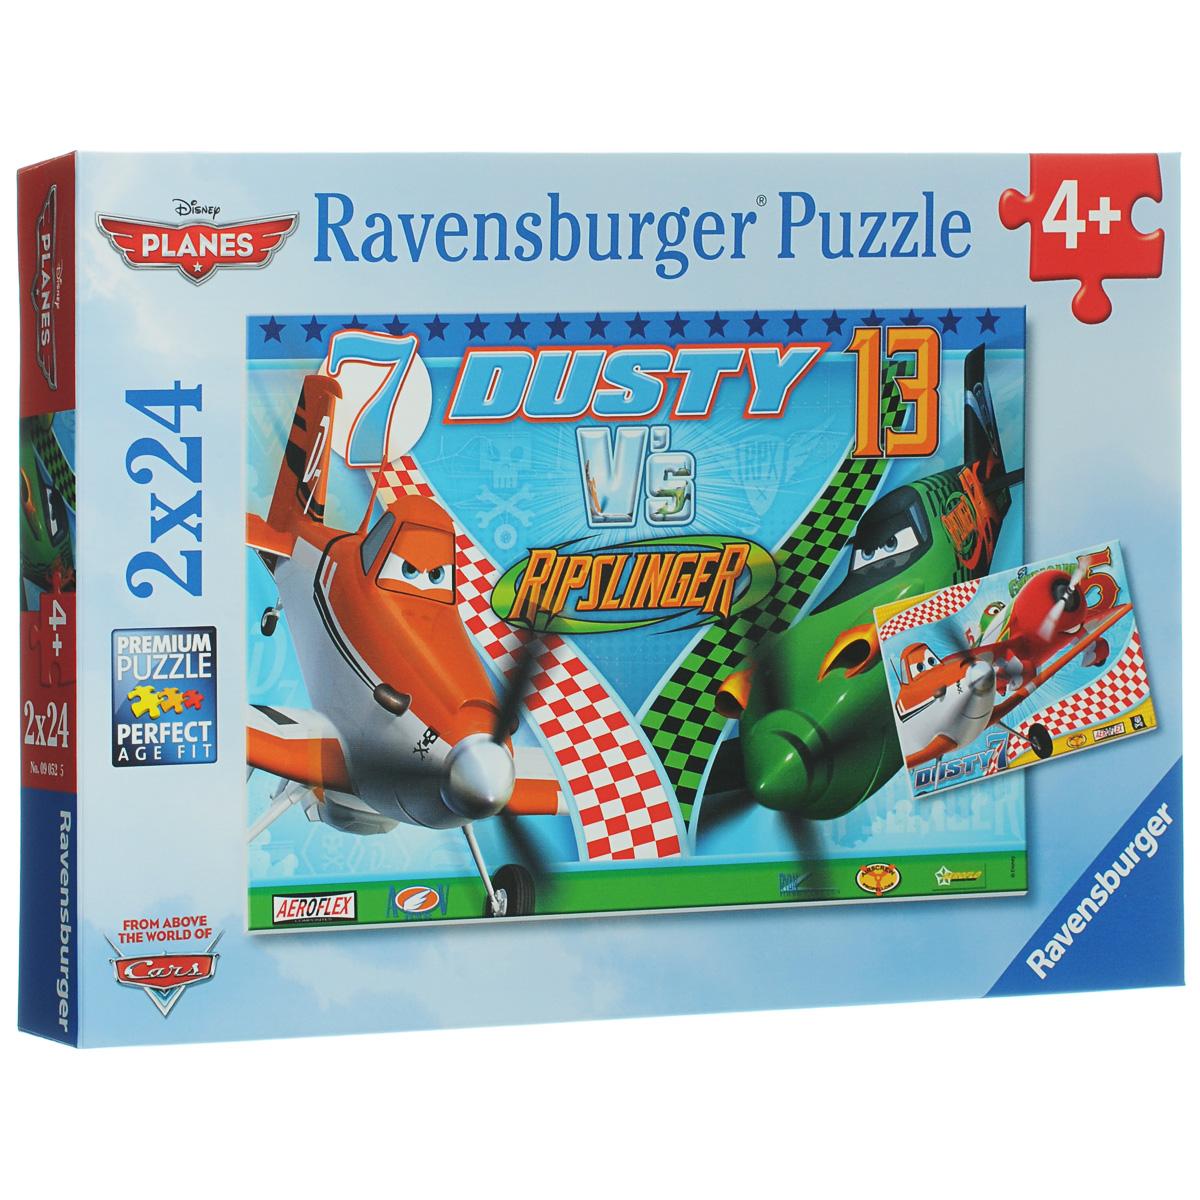 Ravensburger Дасти - храбрый пилот. Пазл, 2 х 24 элемента09052Пазл Ravensburger Дасти - храбрый пилот, несомненно, понравится вашему ребенку. Собрав пазлы, каждый из которых включает по 24 элемента, вы получите две красочные картинки с изображением персонажей из мультфильма Самолеты. Пазл изготовлен из картона высочайшего качества. Каждая деталь имеет свою форму и подходит только на свое место. Все изображения аккуратно отсканированы и напечатаны на ламинированной бумаге. Пазлы - замечательная развивающая игра для детей. Собирание пазла развивает у ребенка мелкую моторику рук, тренирует наблюдательность, логическое мышление, знакомит с окружающим миром, с цветом и разнообразными формами, учит усидчивости и терпению, аккуратности и вниманию.